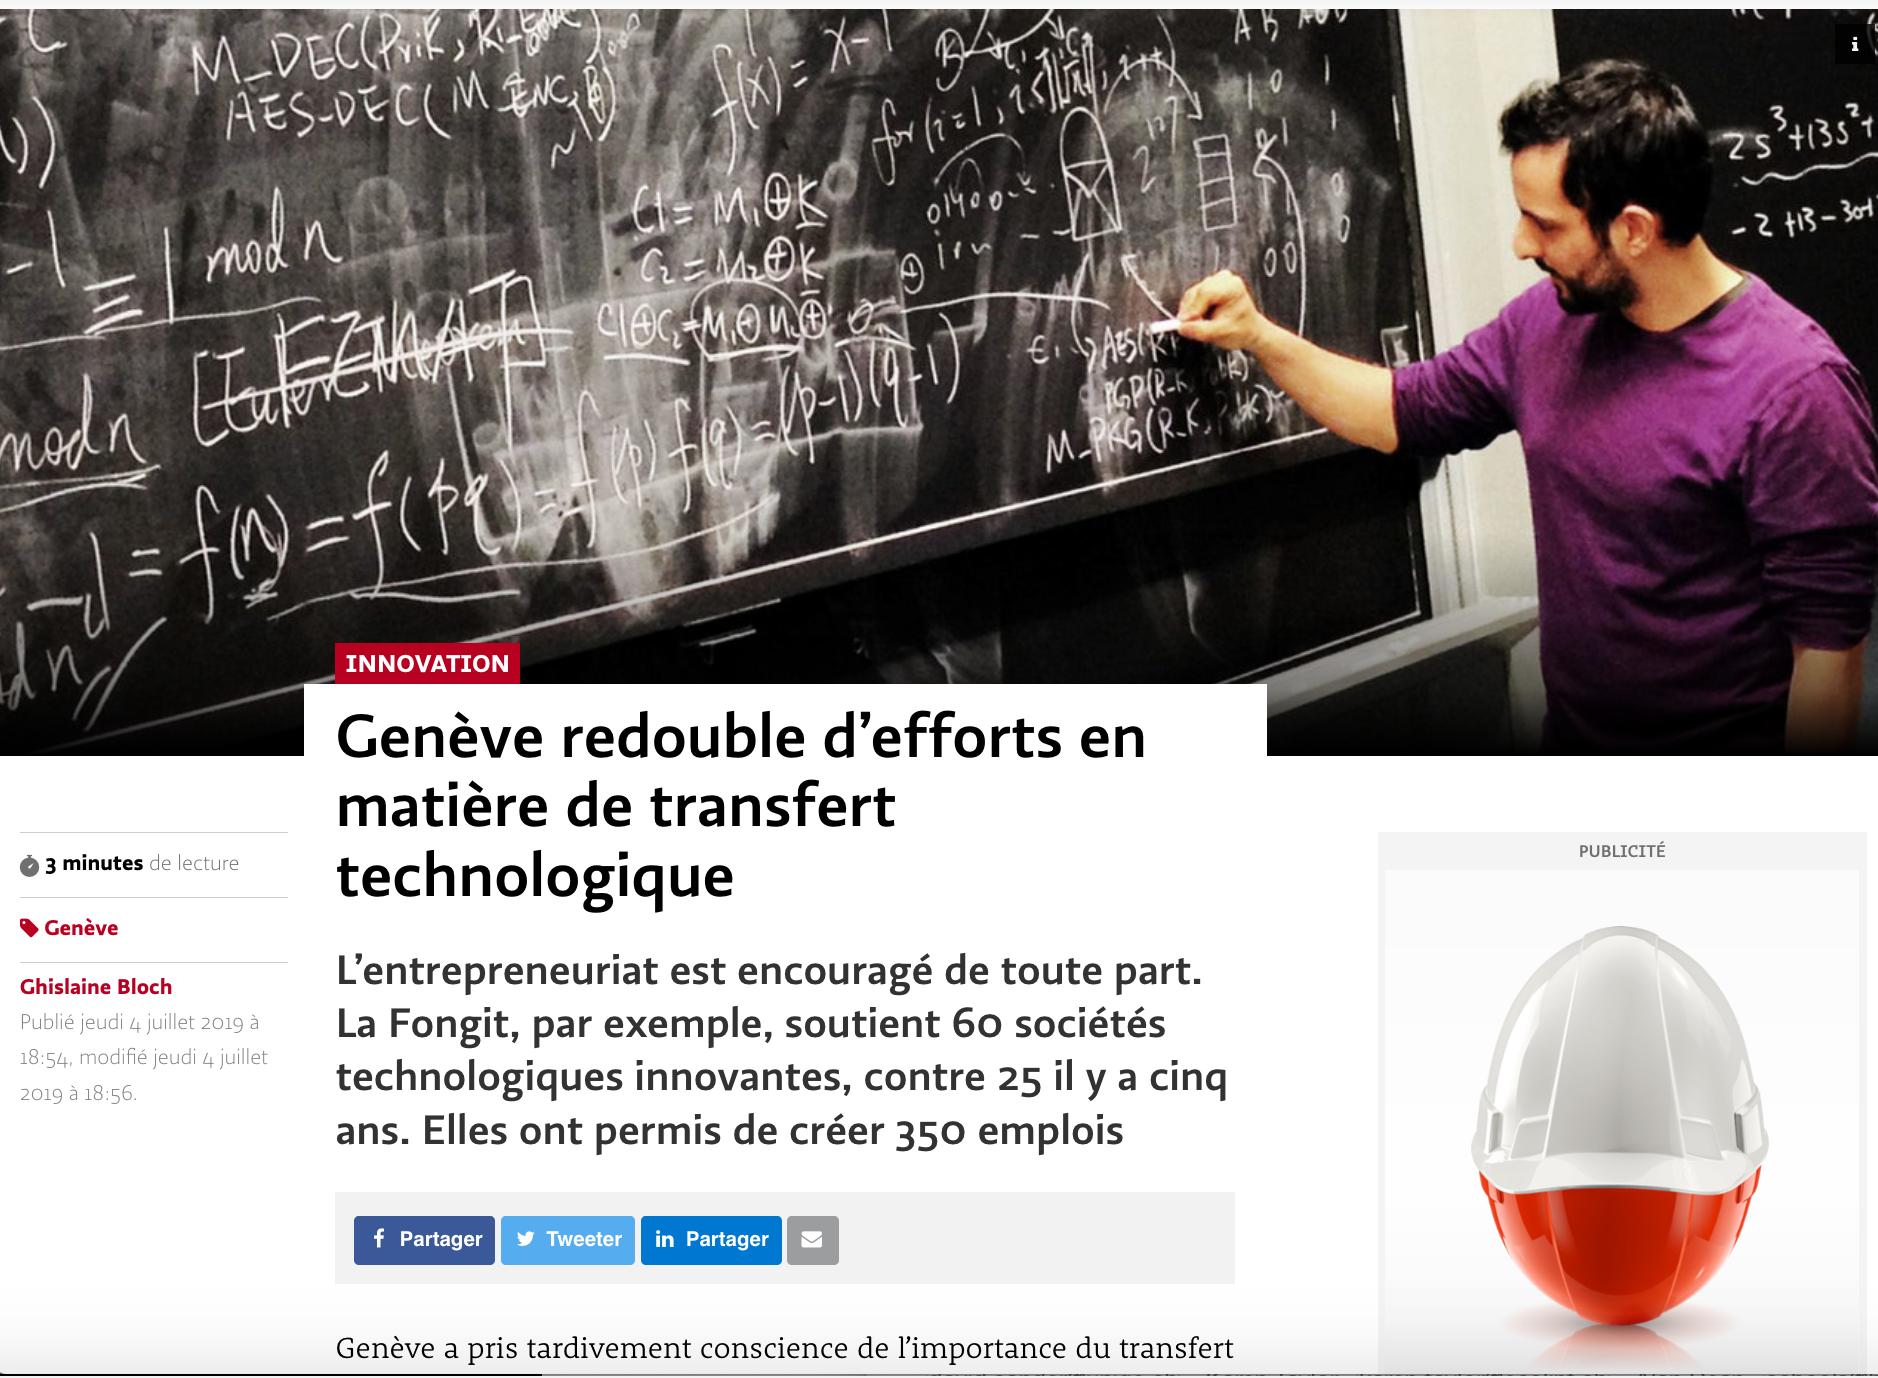 LT-04072019-Genève redouble d'efforts en matière de transfert technologique